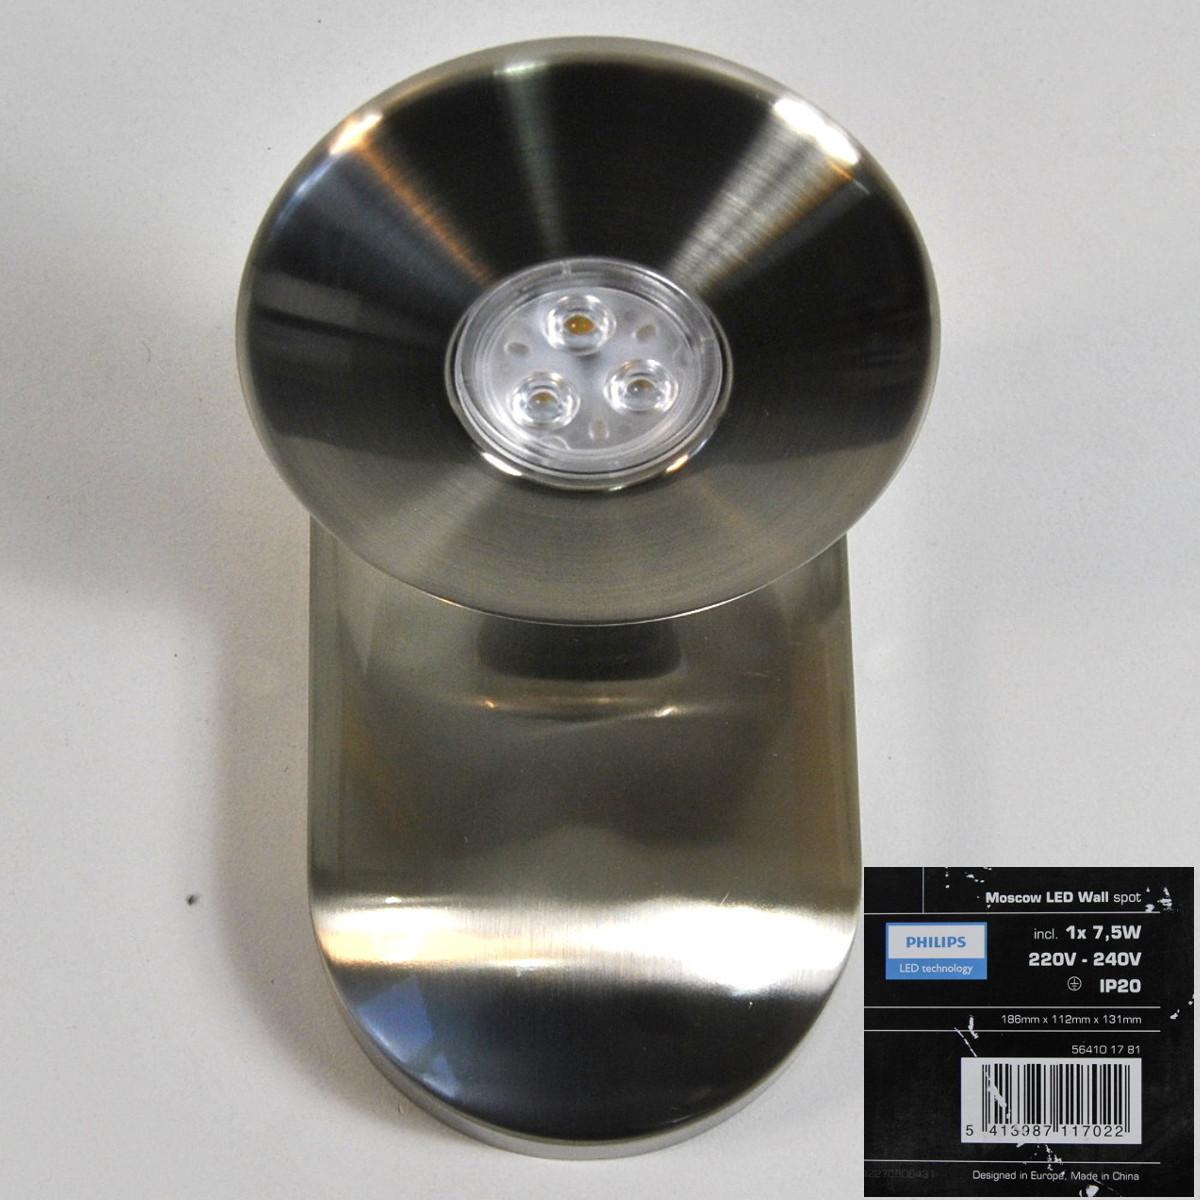 LED Wandleuchte Wandstrahler Philips Massive 564101781 Moscow Podium